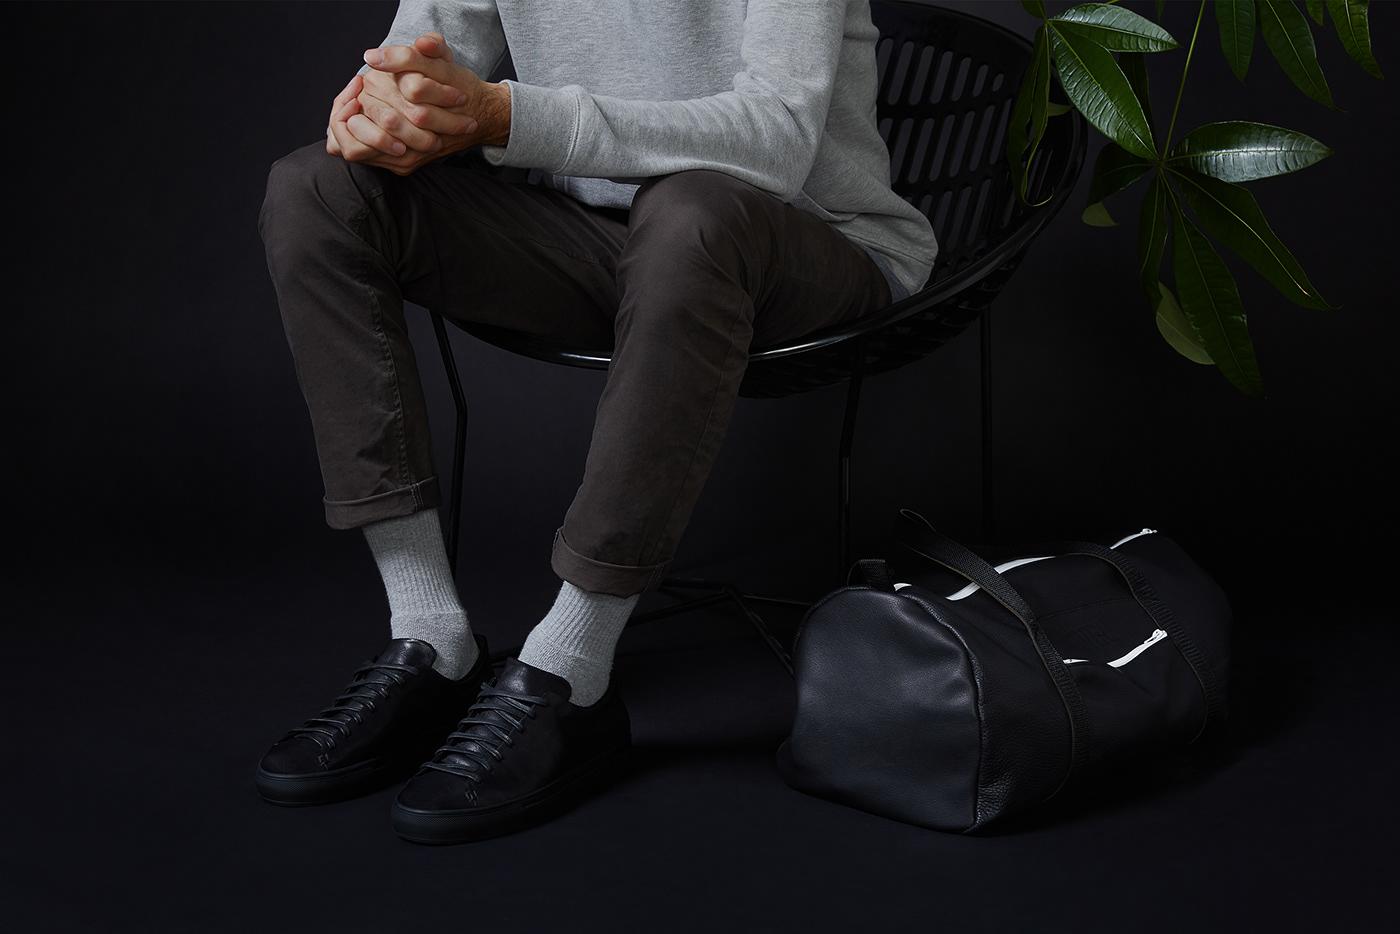 Hotel Motel高端运动鞋品牌VI设计欣赏